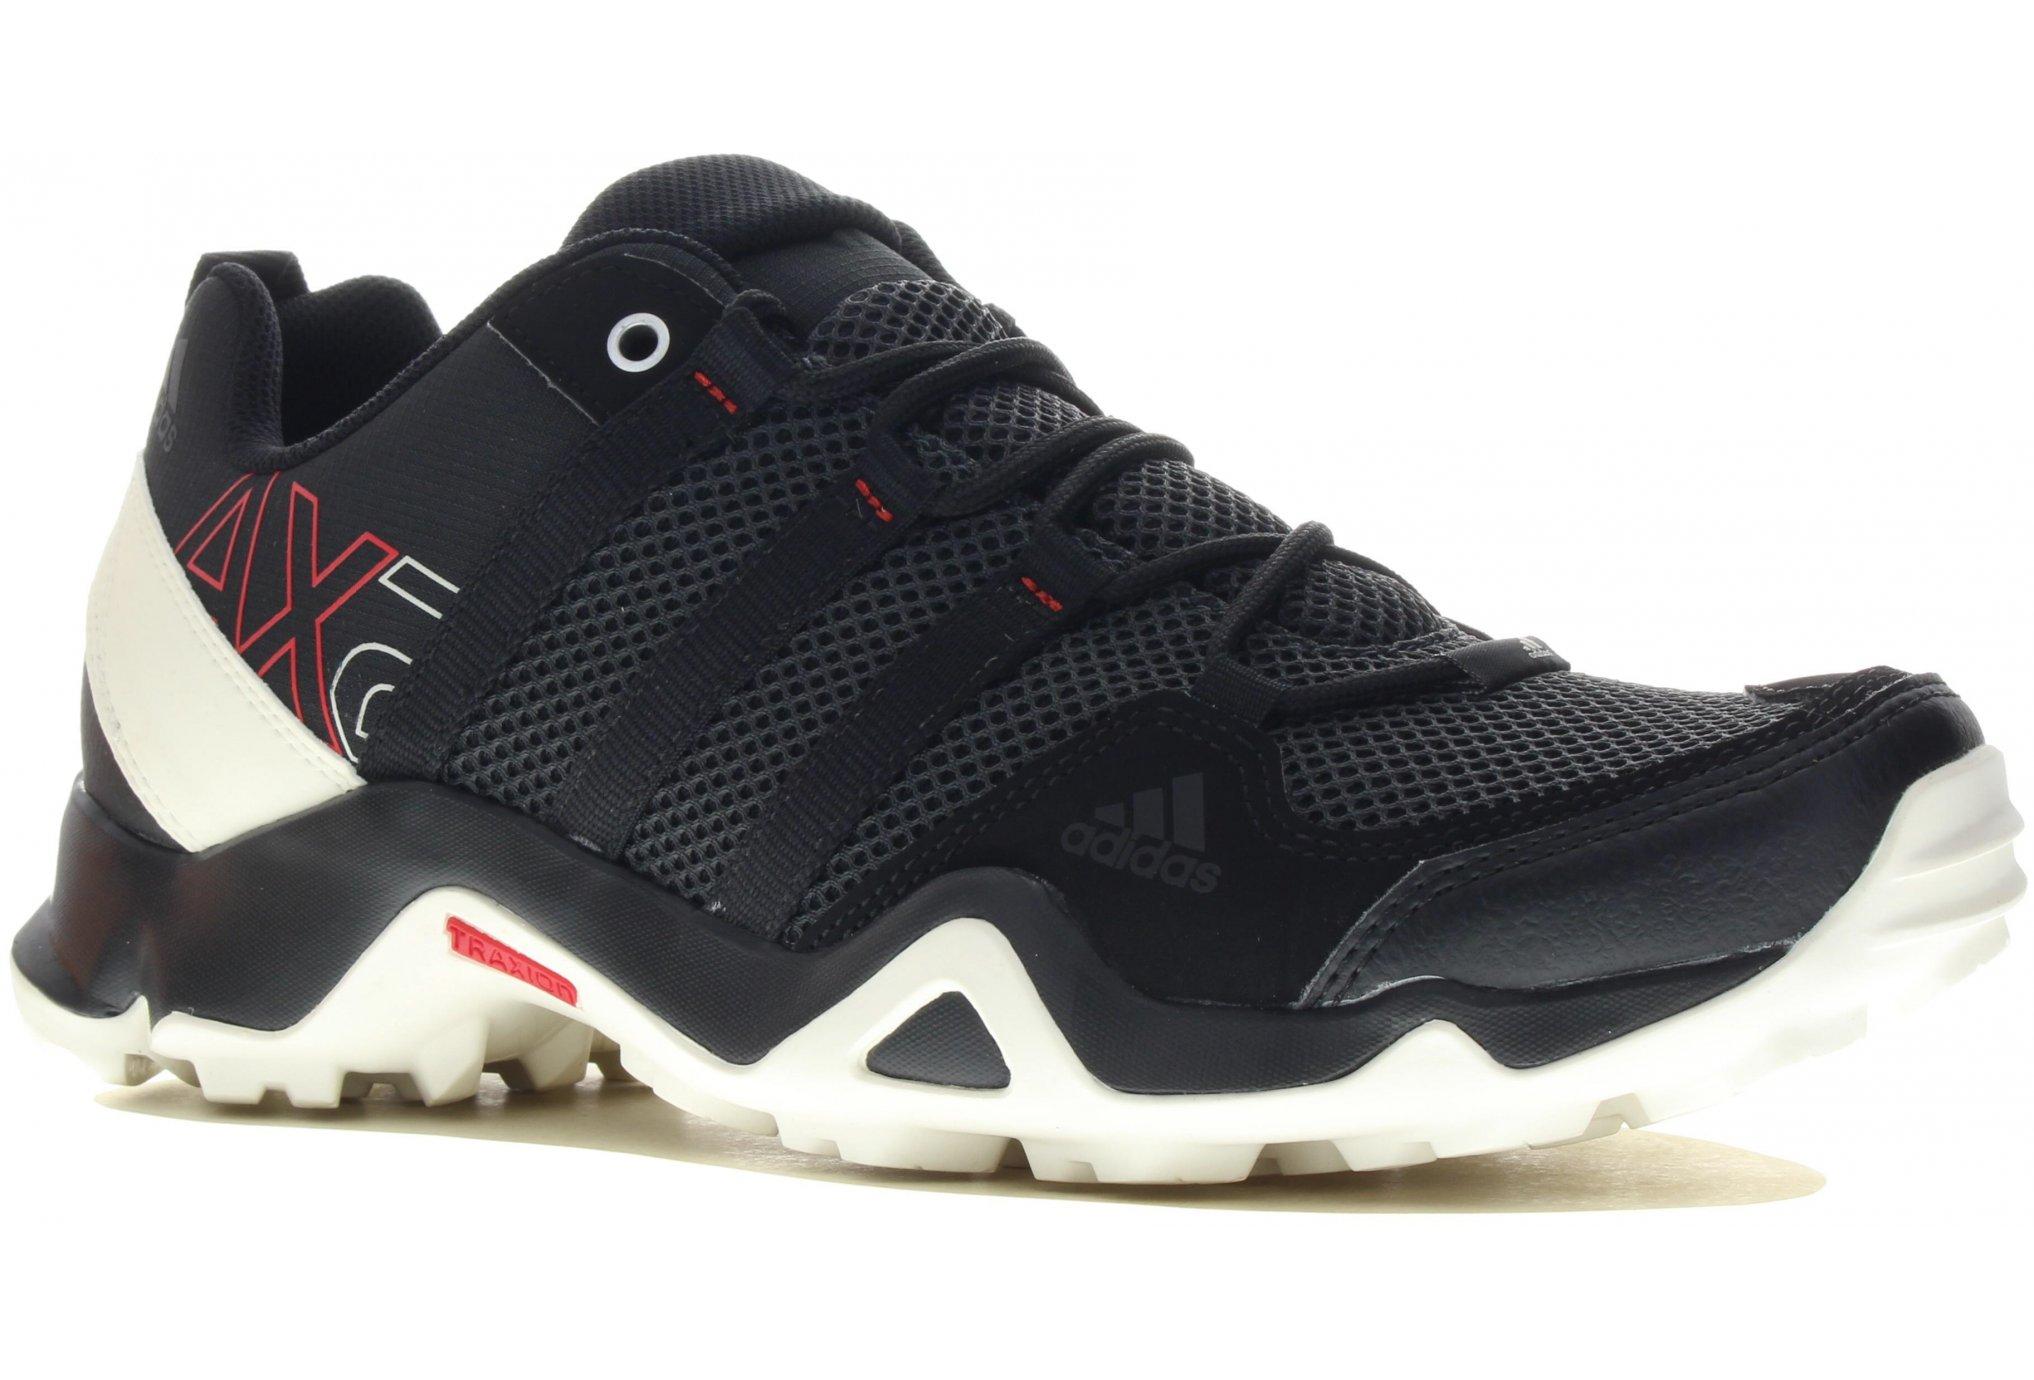 Adidas Ax2 m diététique chaussures homme